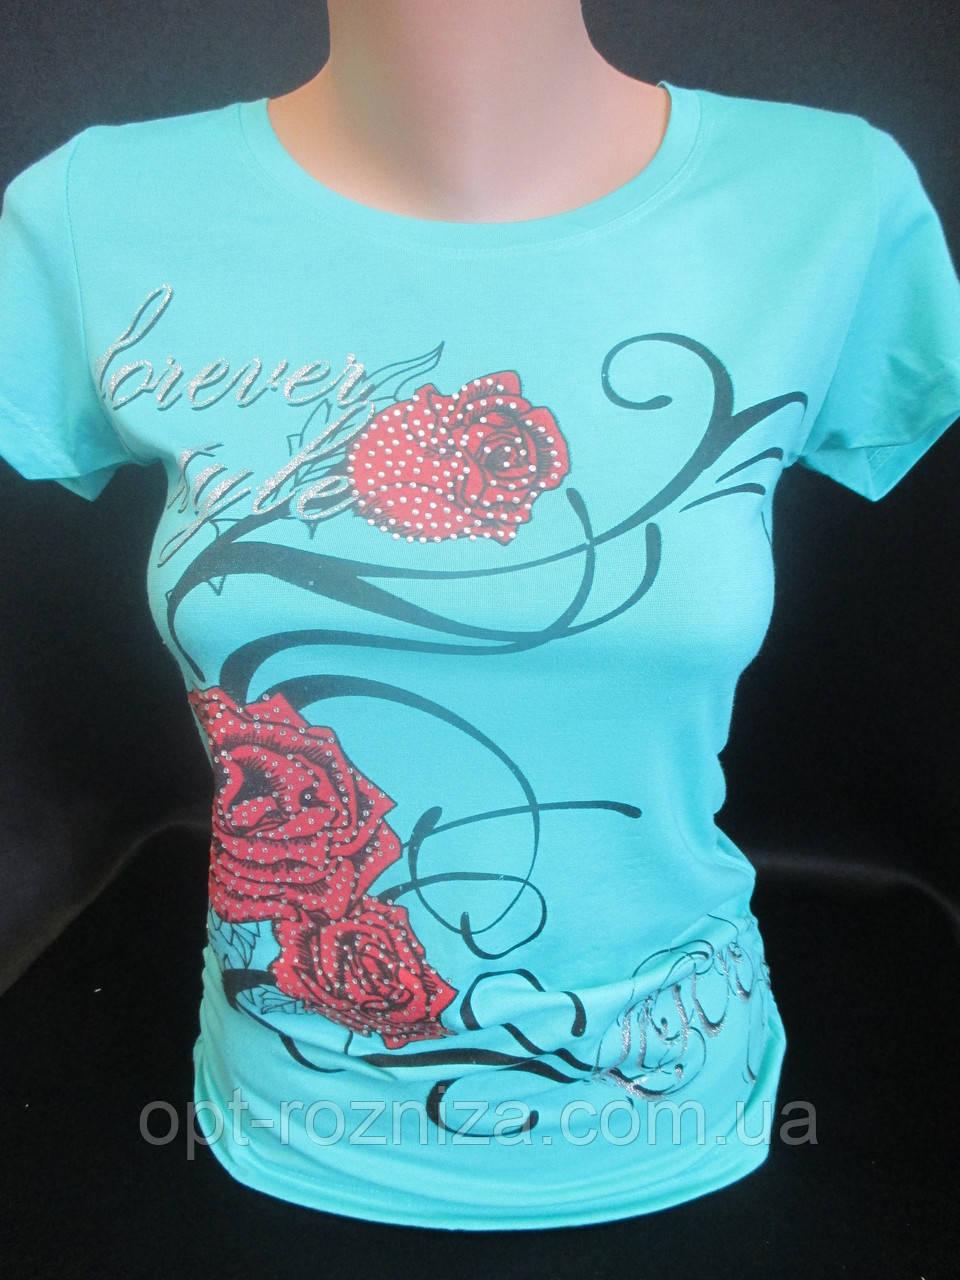 Недорогие футболки с рисунком для молодежи.